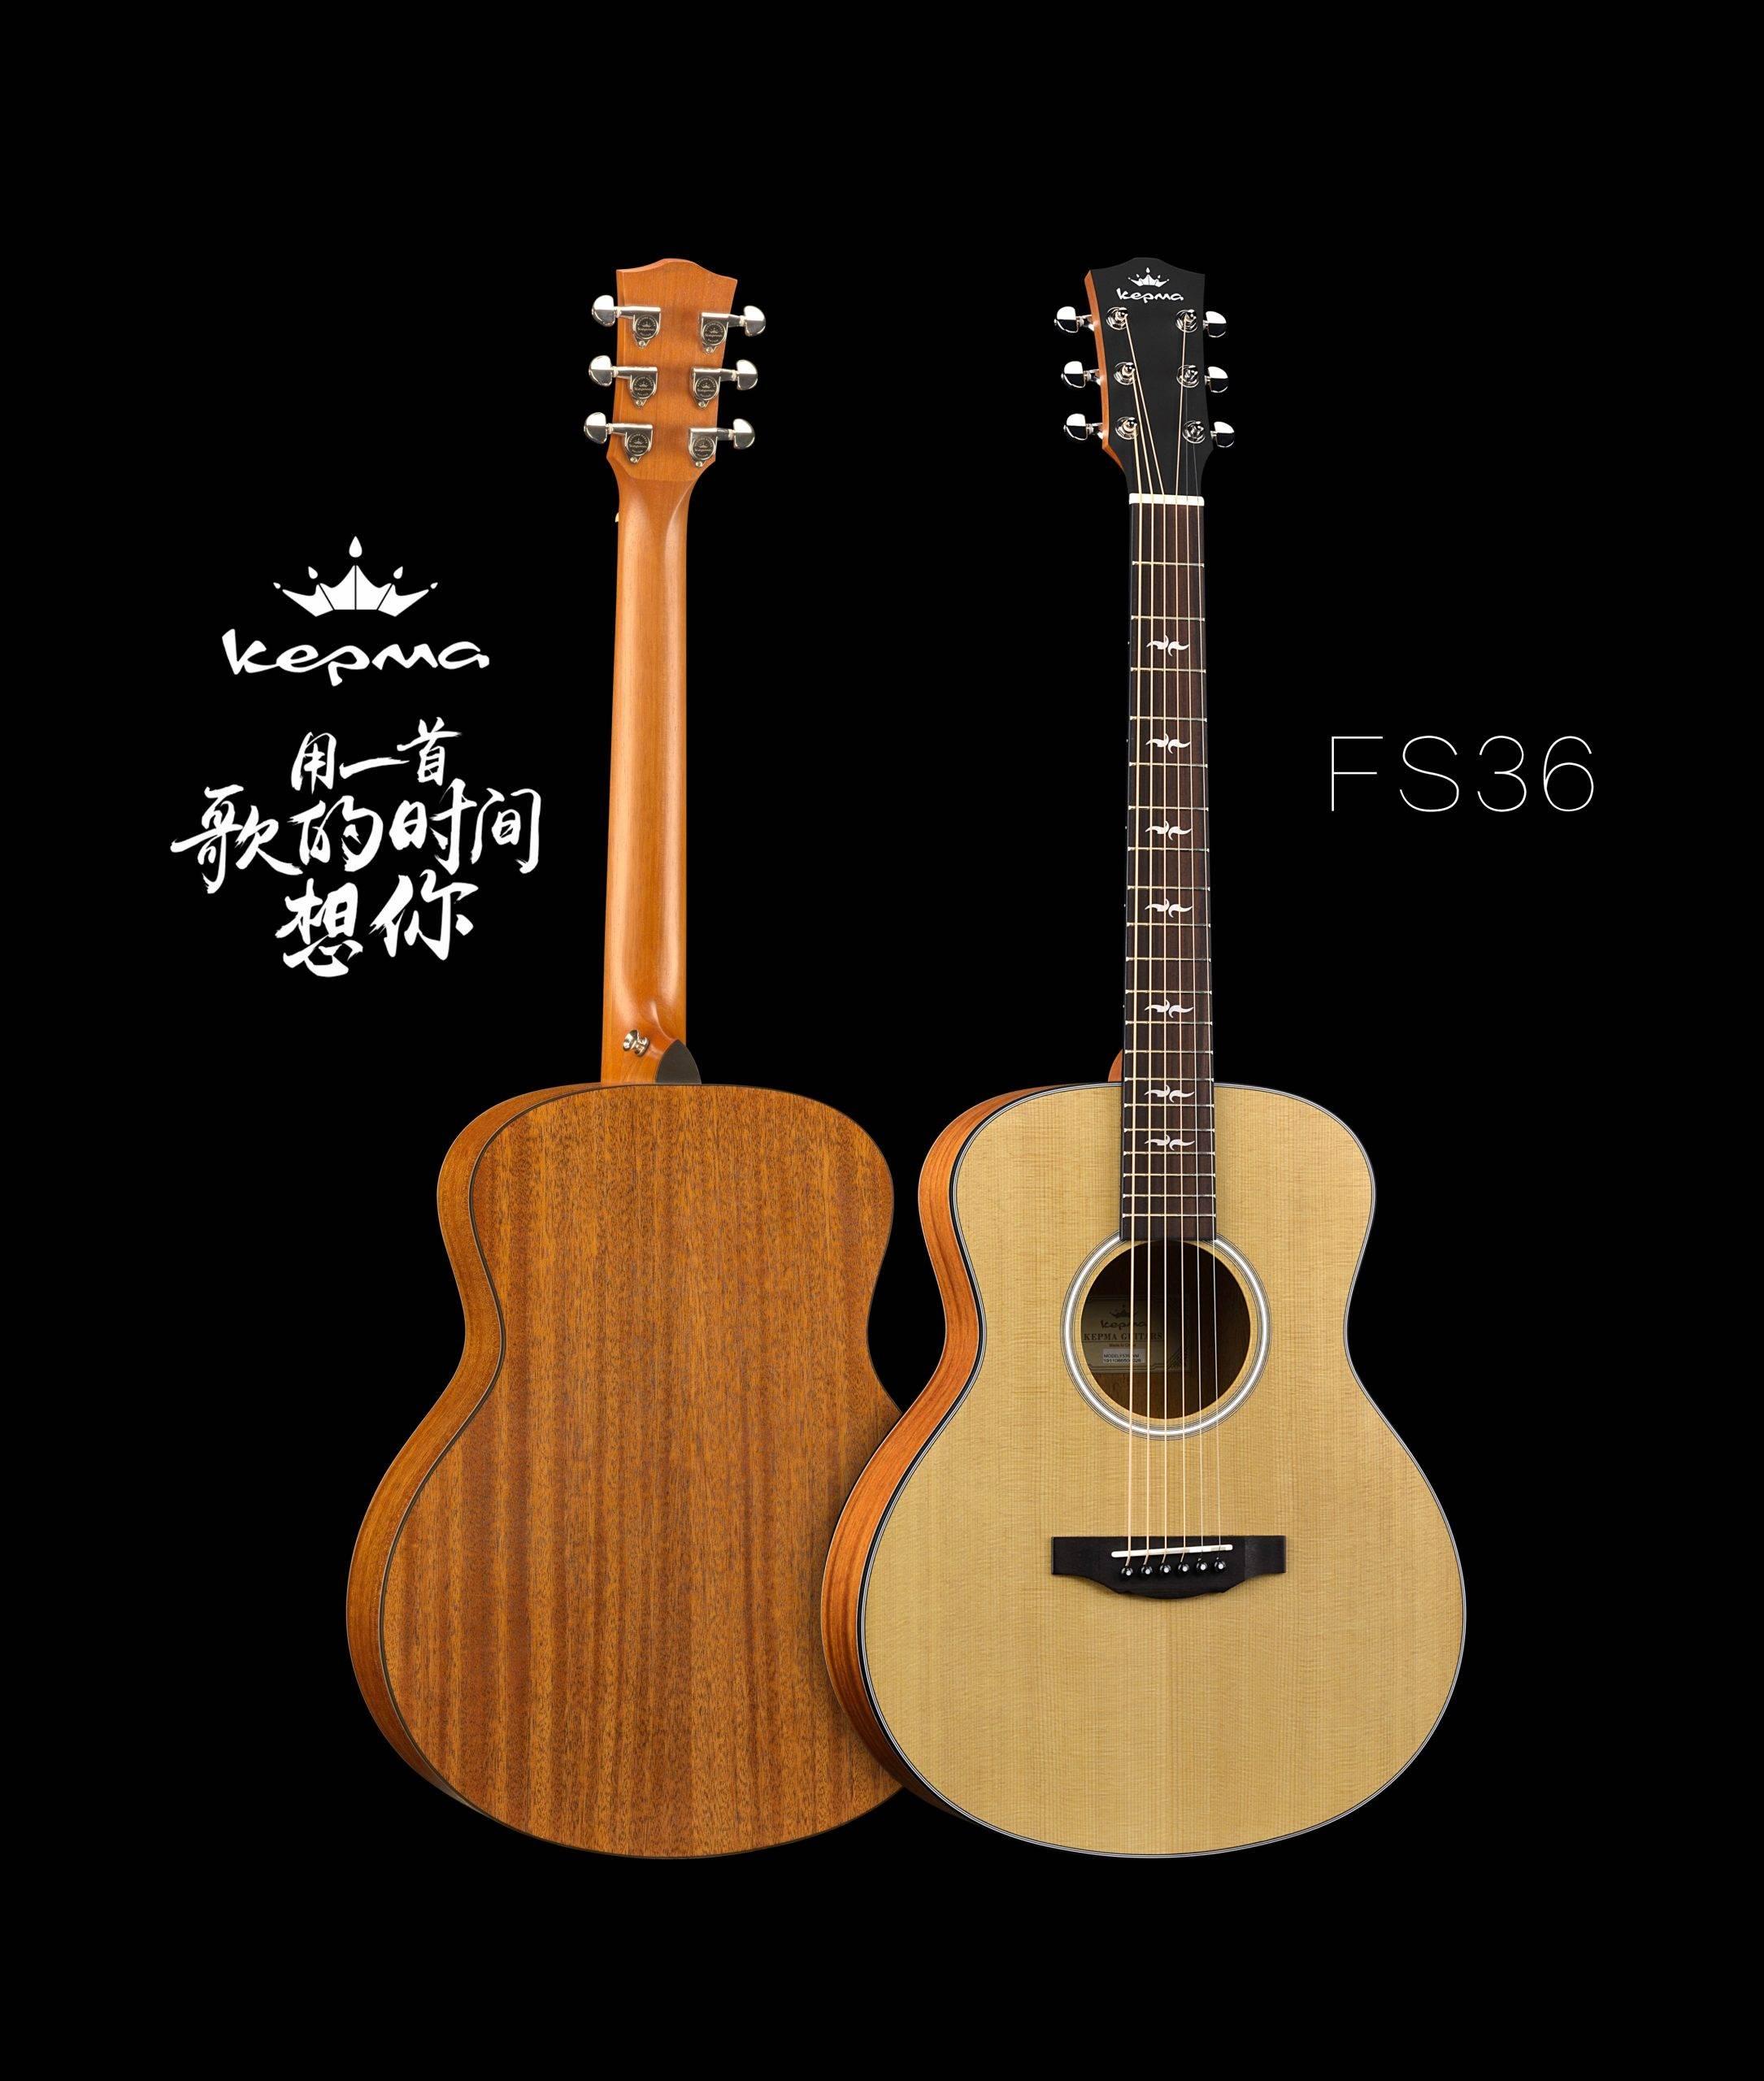 FS36 组合 黑色背景3 用一首歌的时间想你